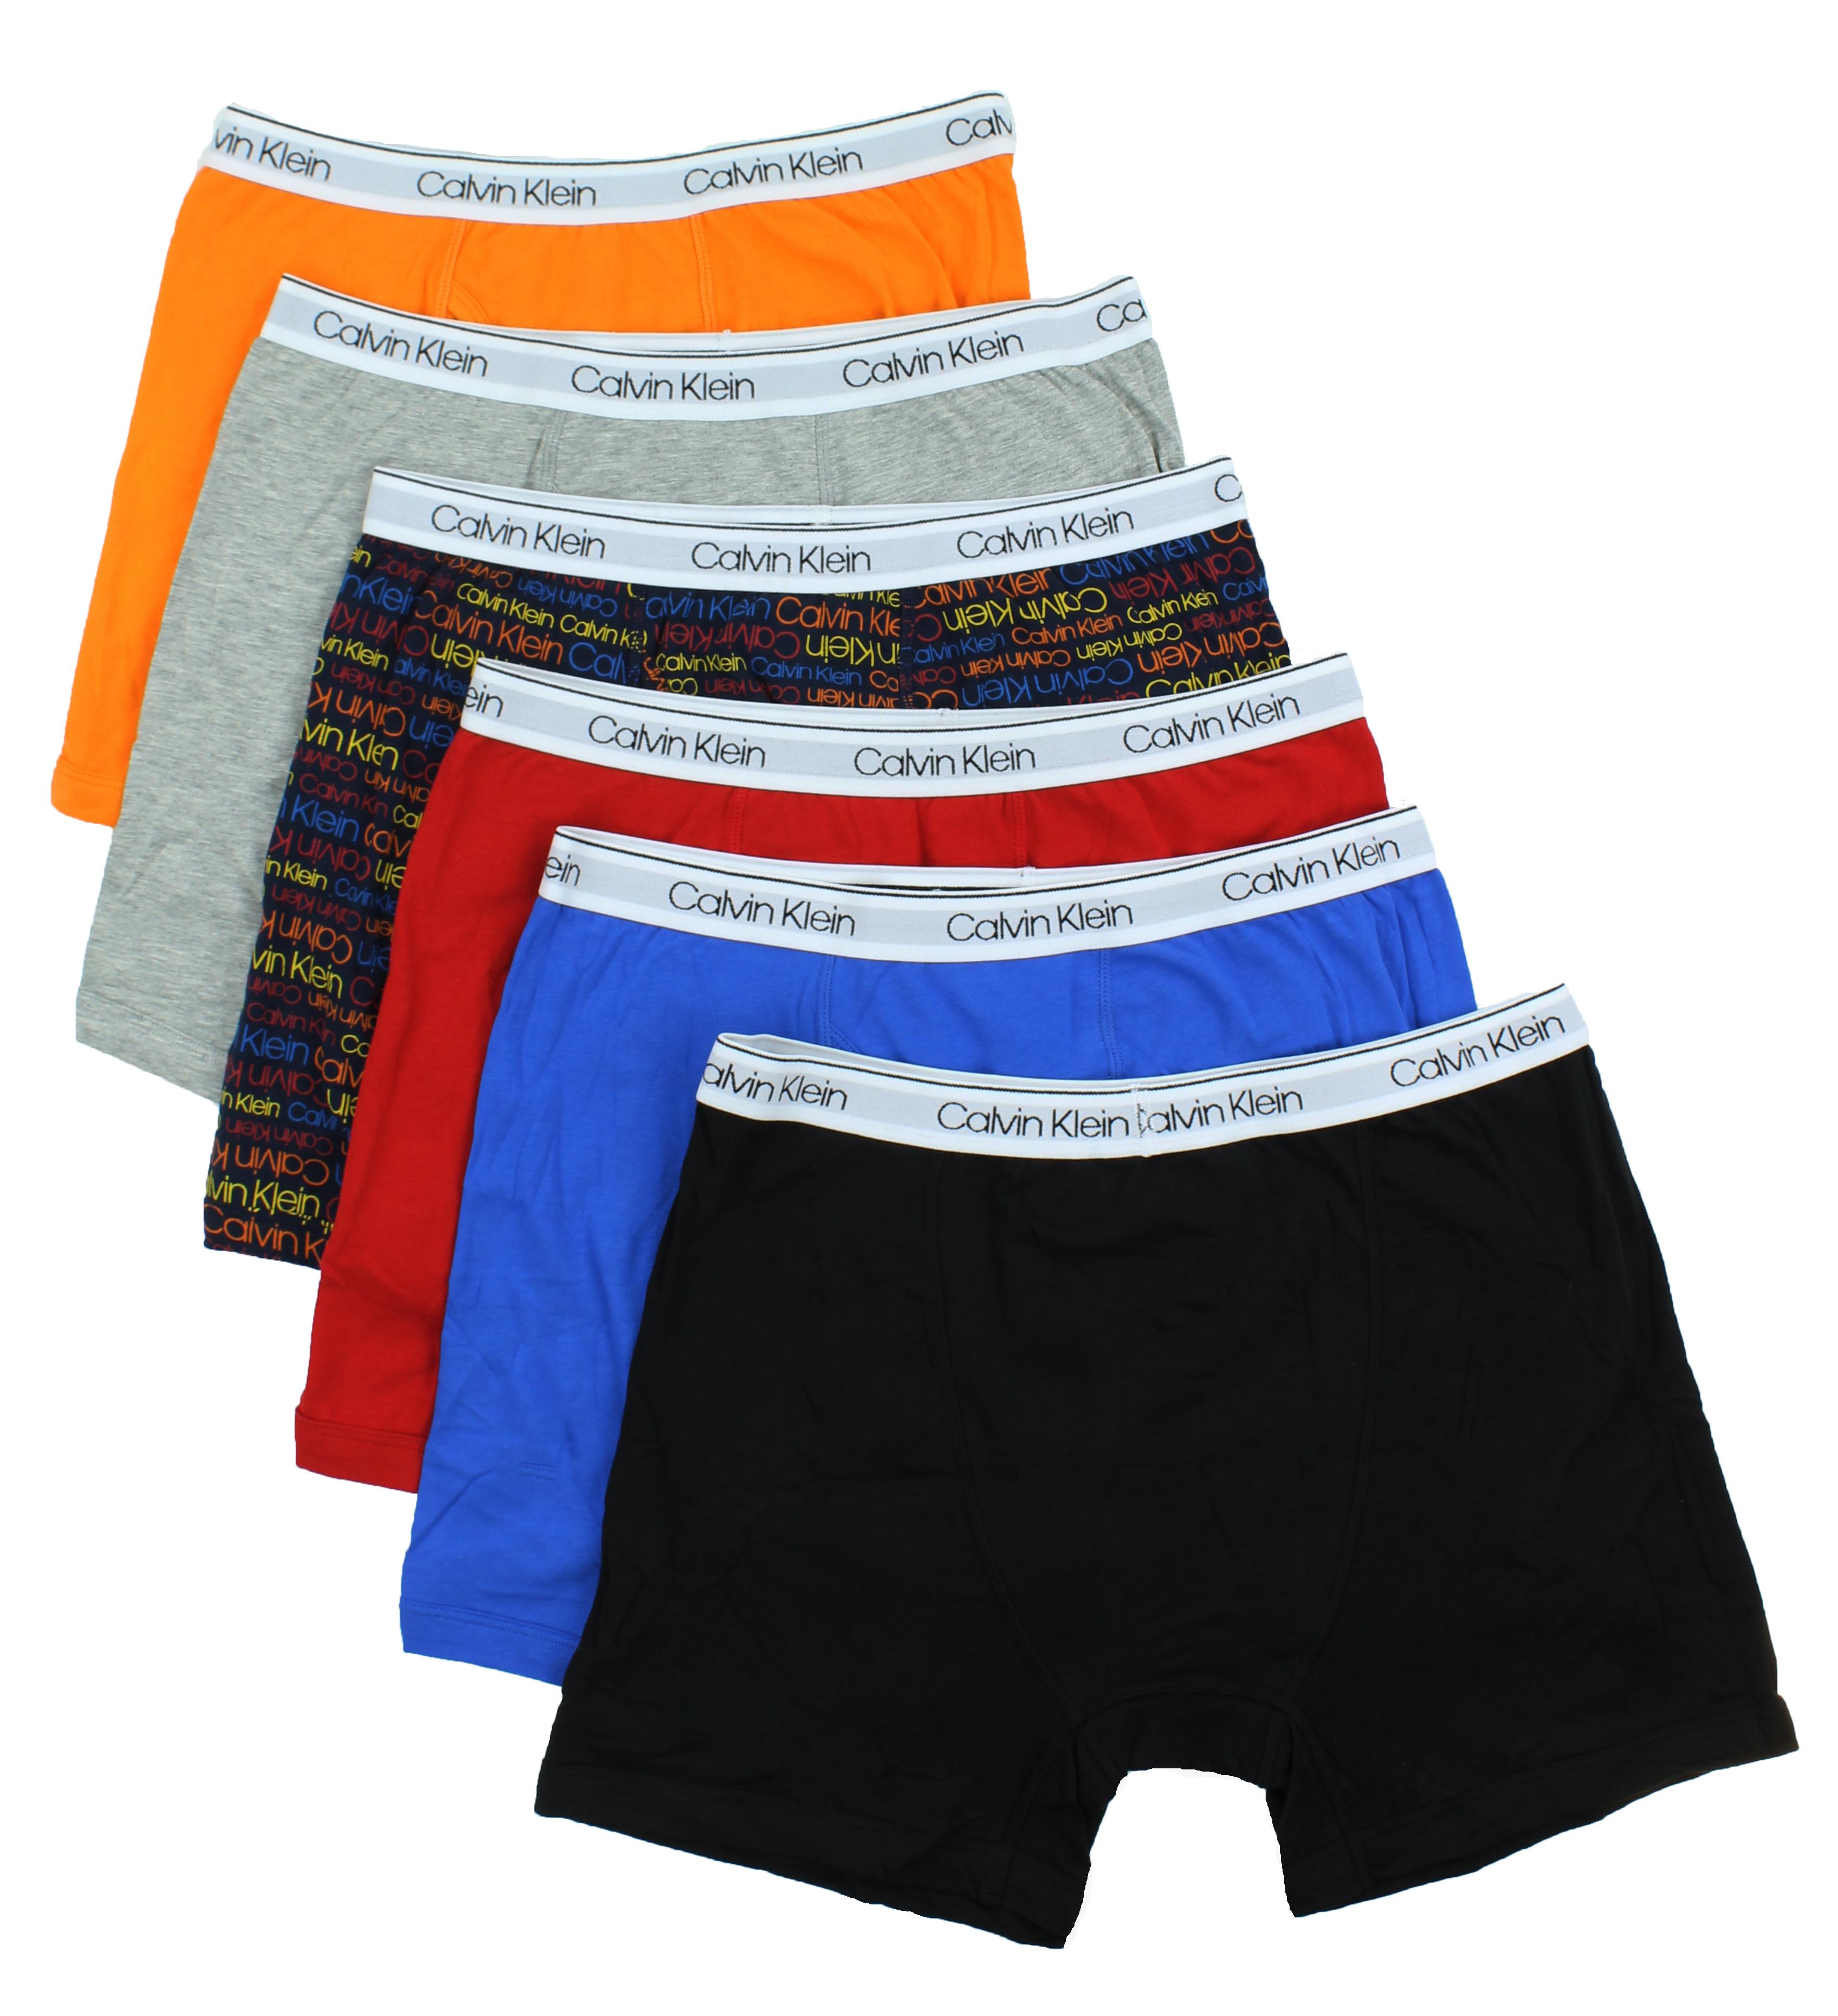 eecb01c096d430 Calvin Klein Boys 6 Pack Cotton Stretch Boxer Brief Underwear | eBay